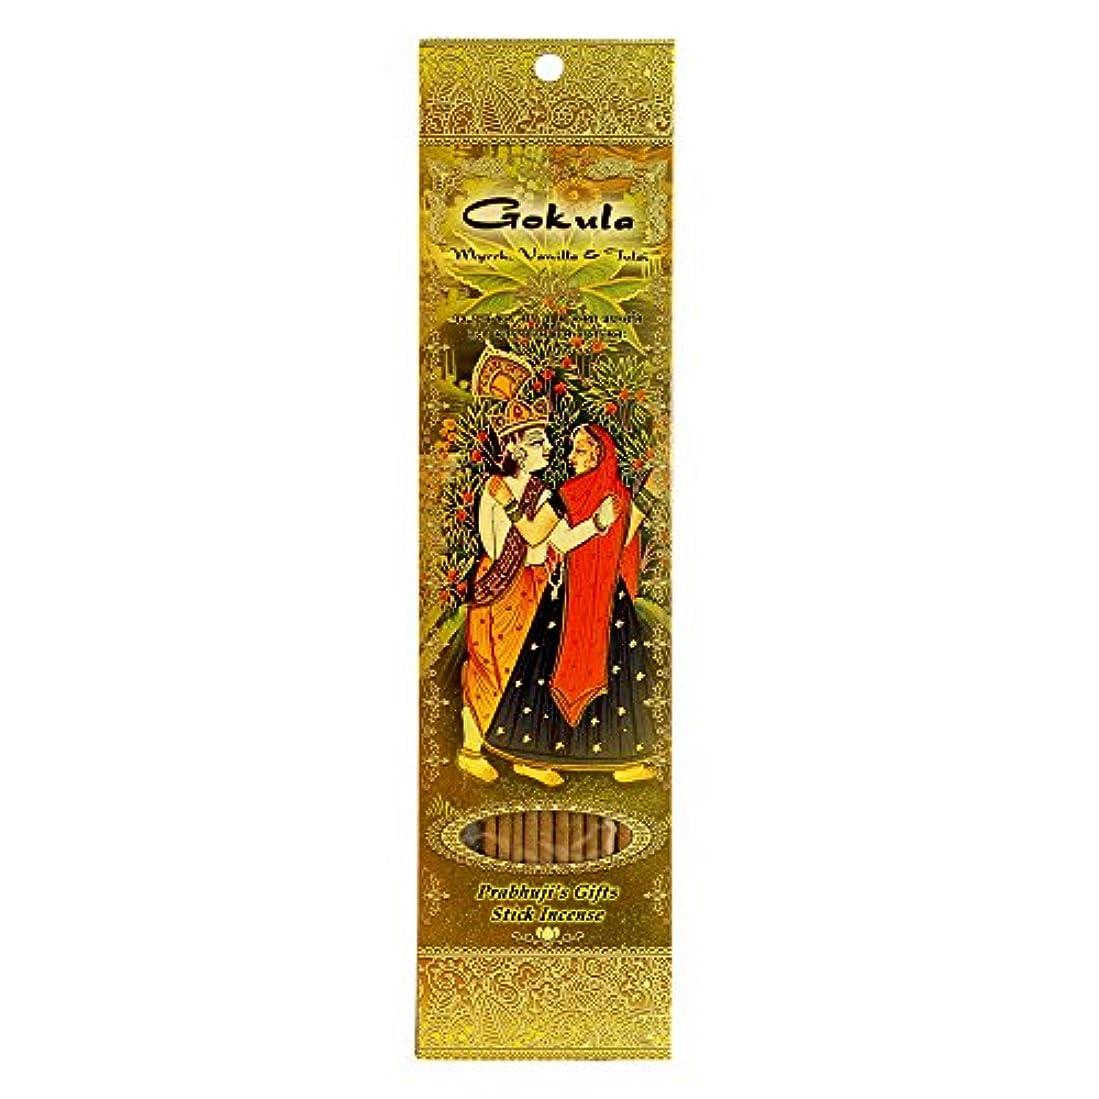 クレーターカブ特殊Incense Sticks Gokula – Myrrh、バニラ、Tulsi